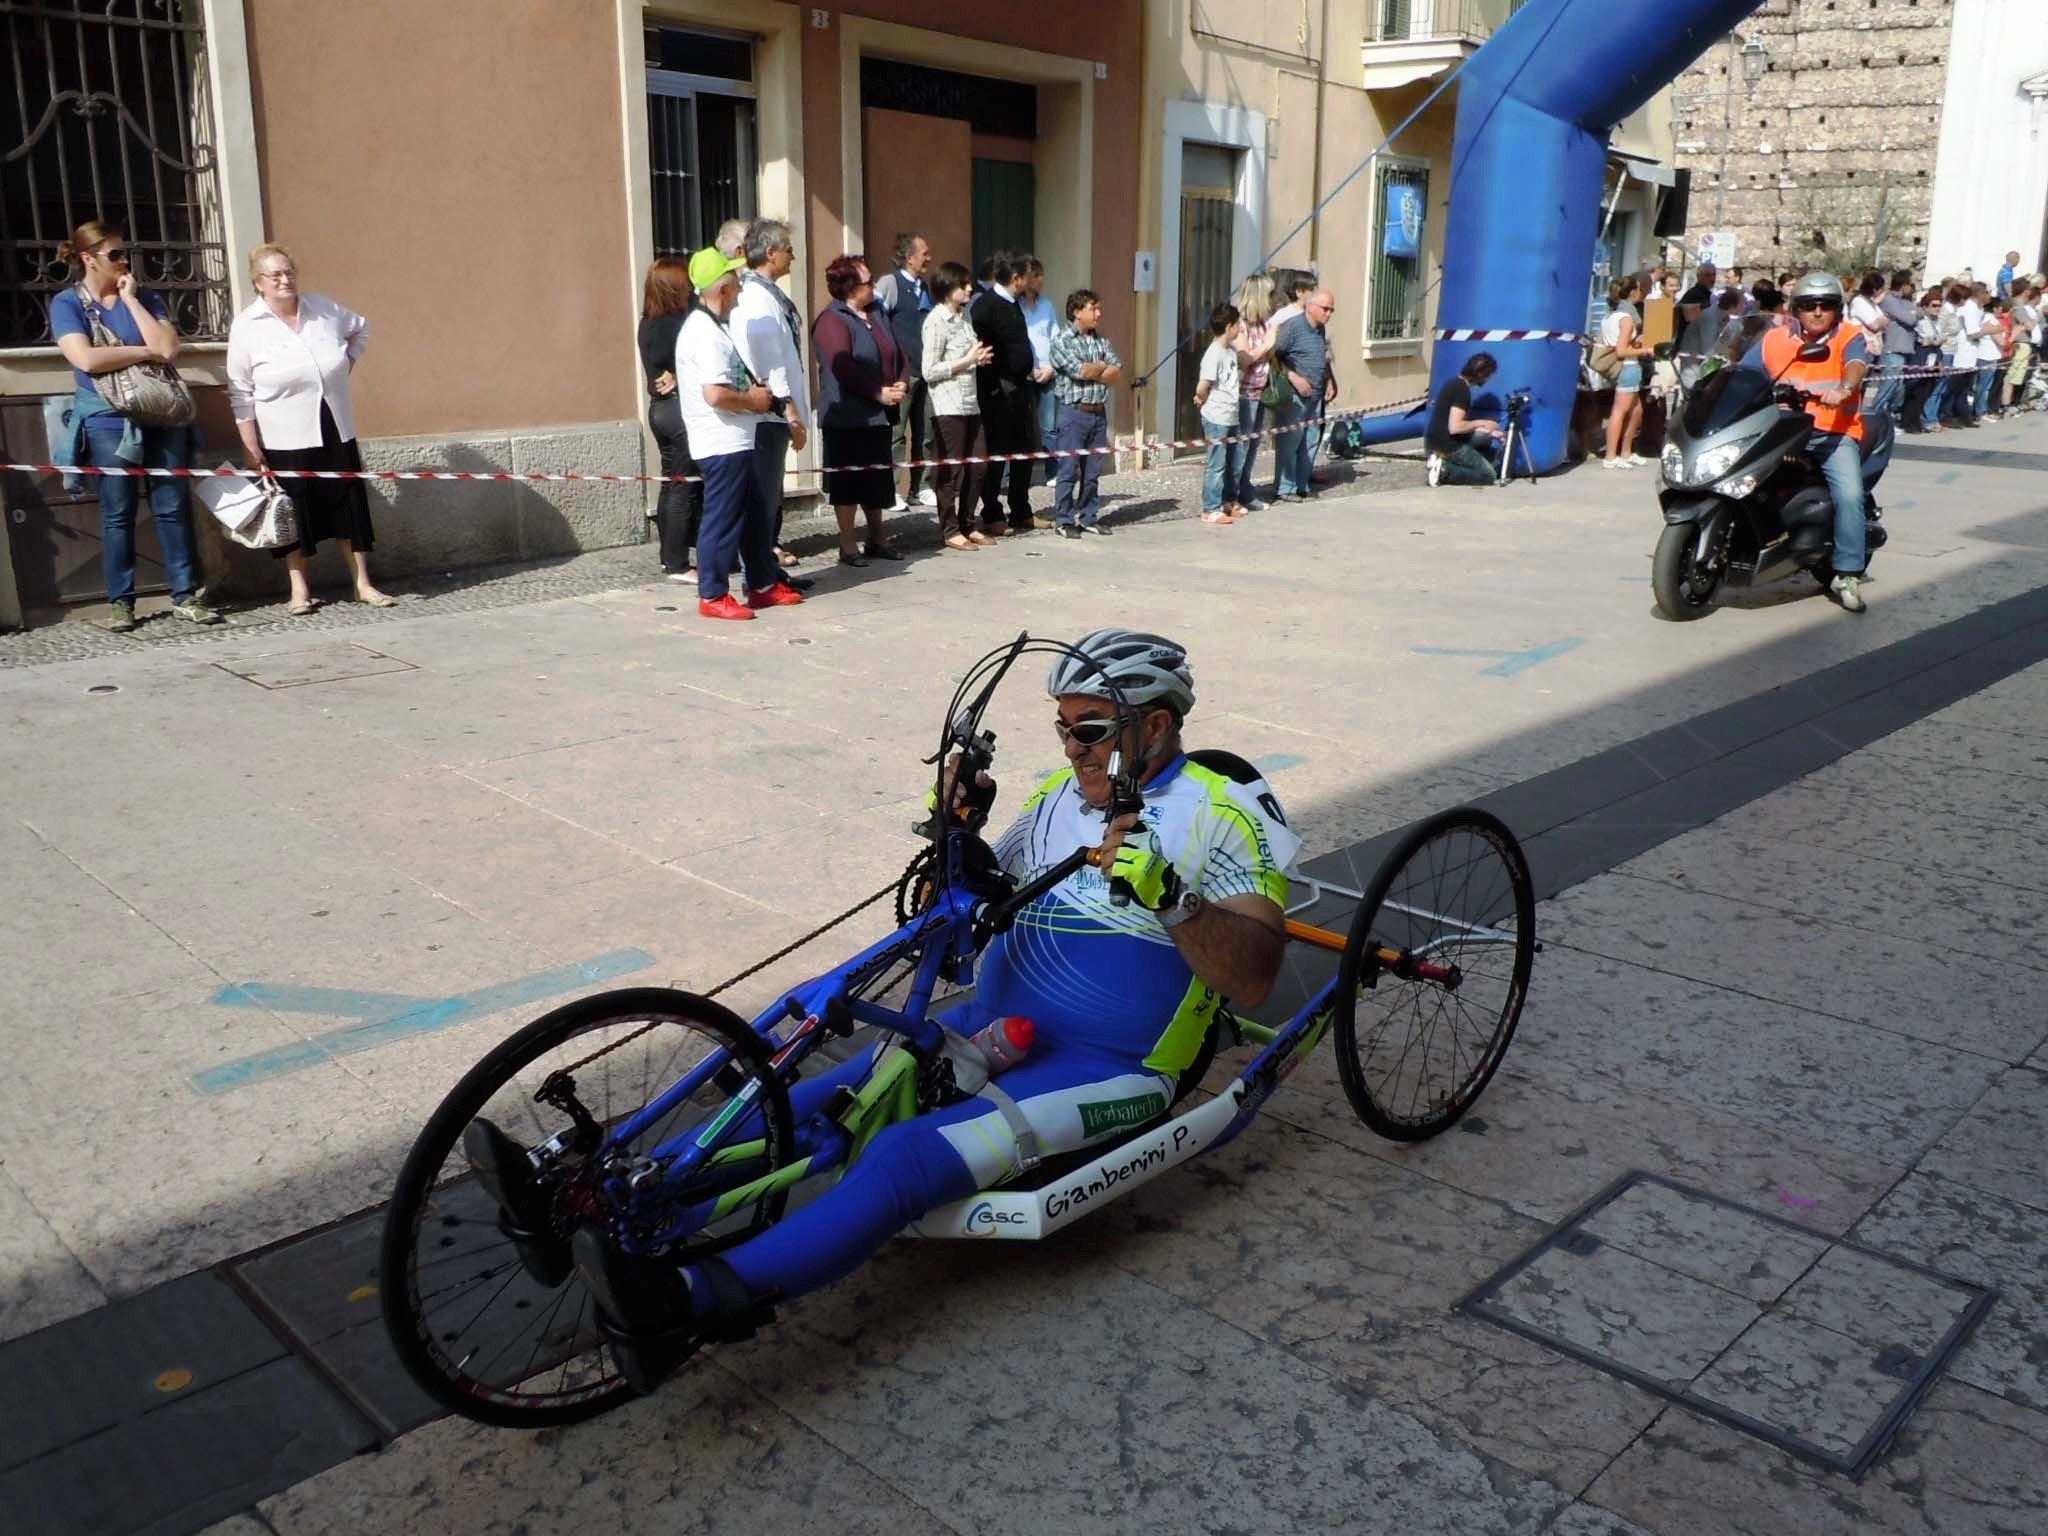 Foto 2011 - Mobilificio vittoria ...